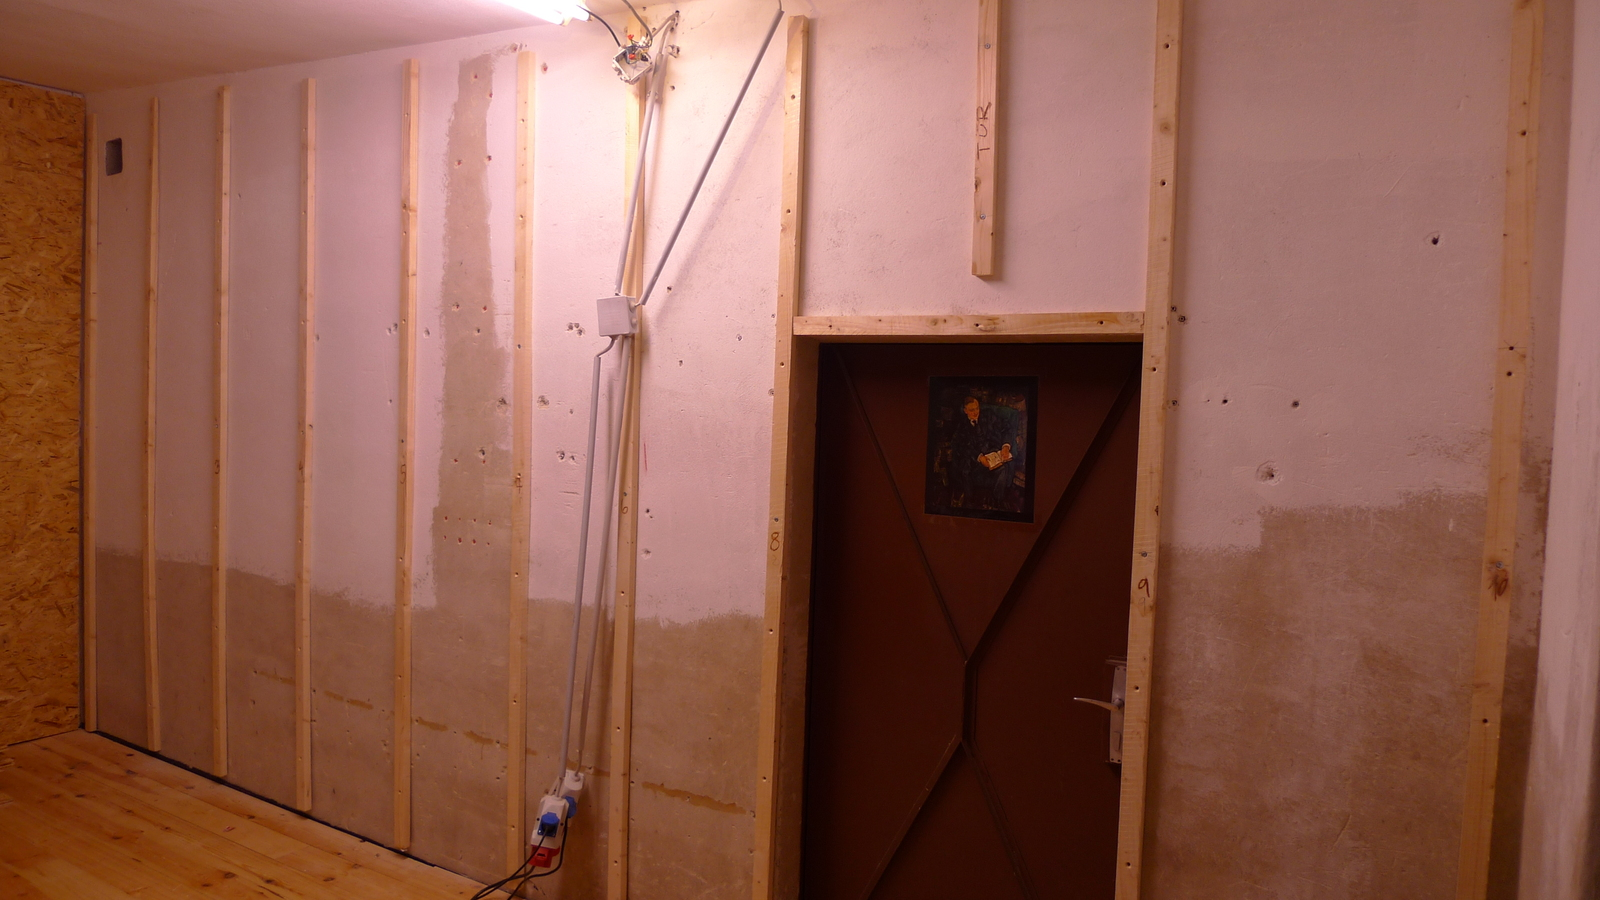 werkstattumbau neue w nde neues aus der werkstatt. Black Bedroom Furniture Sets. Home Design Ideas